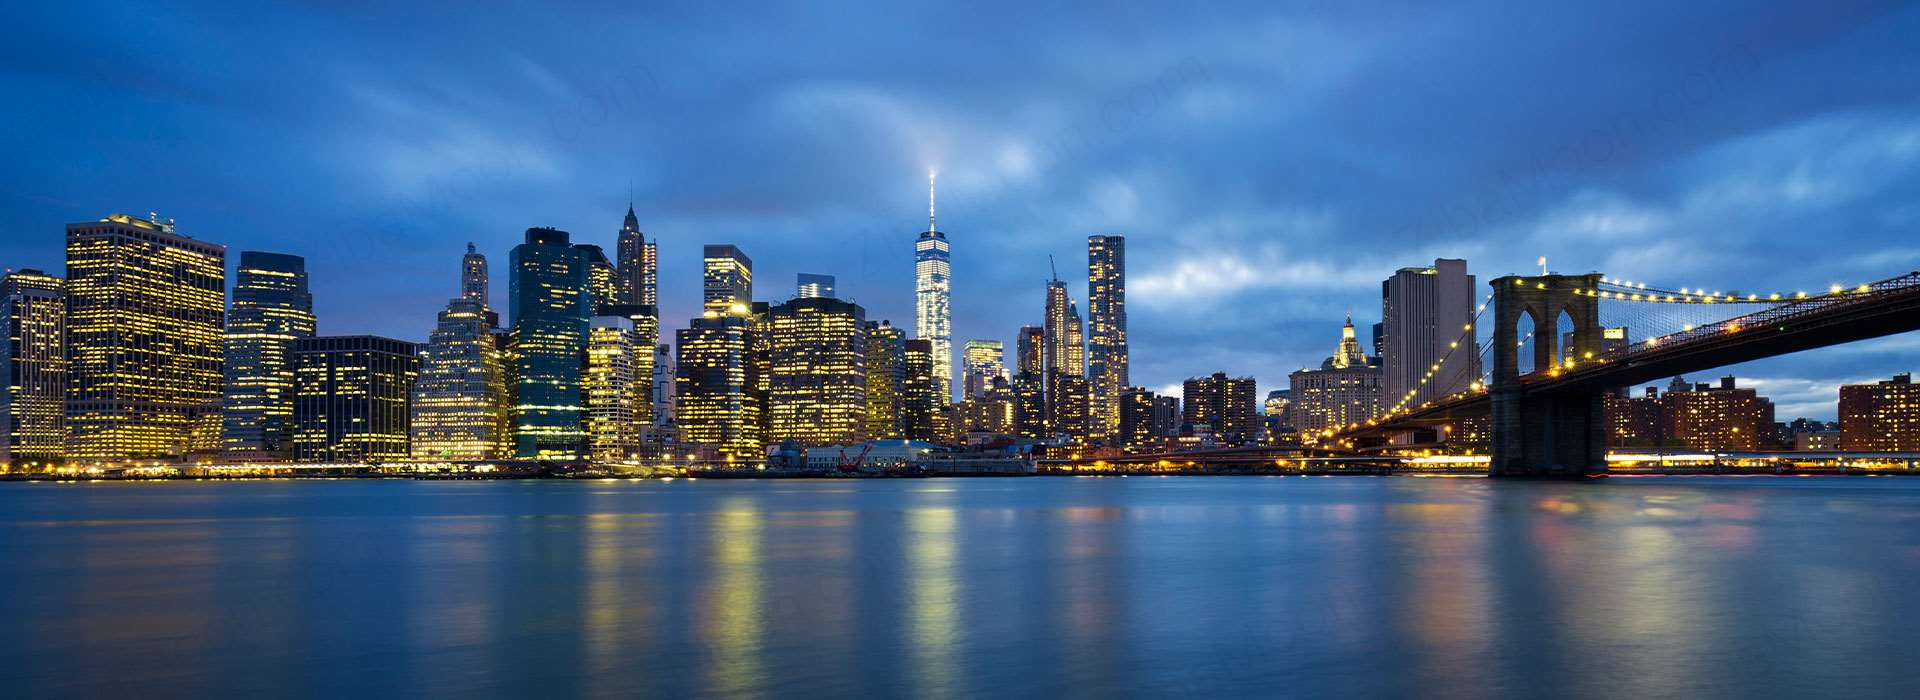 بک گراند و تصویر زمینه شهر در شب [نیویورک + پاریس + استانبول]